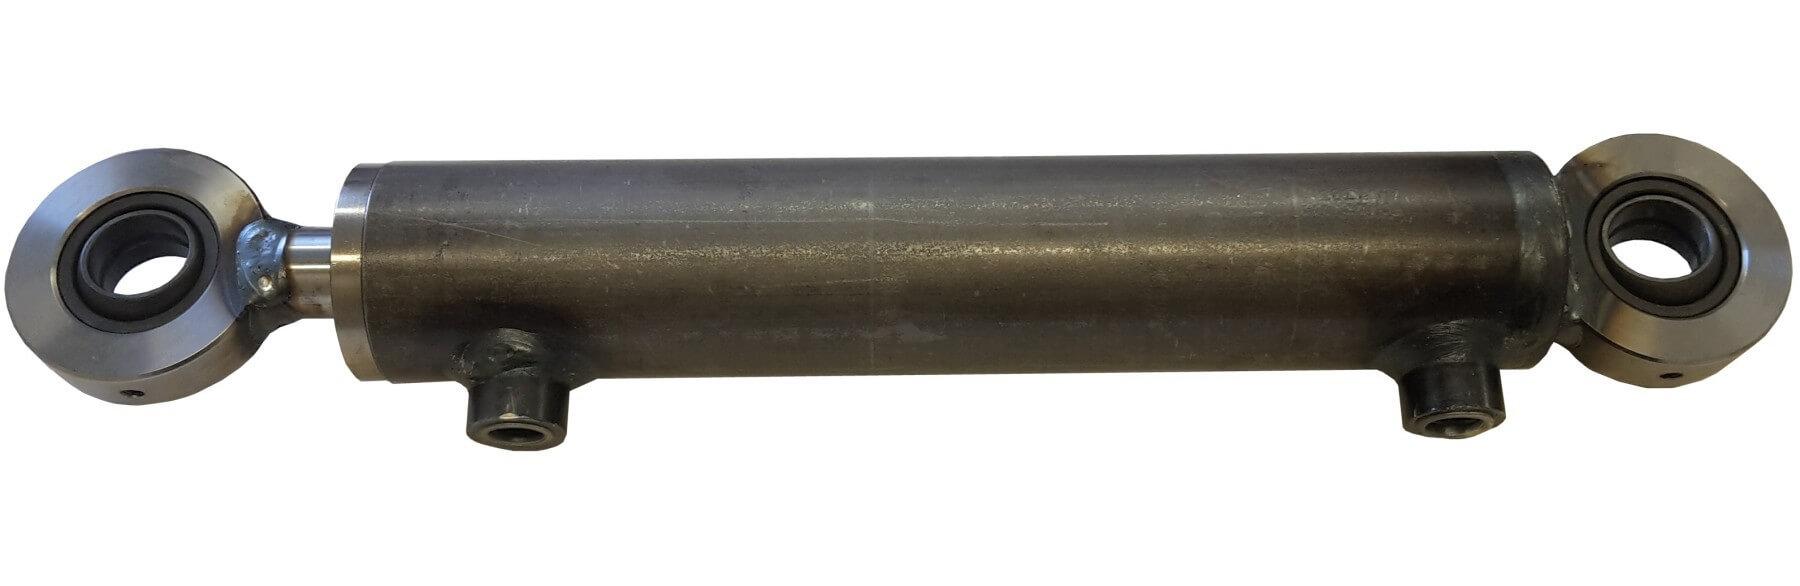 Hydraulisylinteri CL 50. 25. 150 GE - Kailatec Oy Verkkokauppa